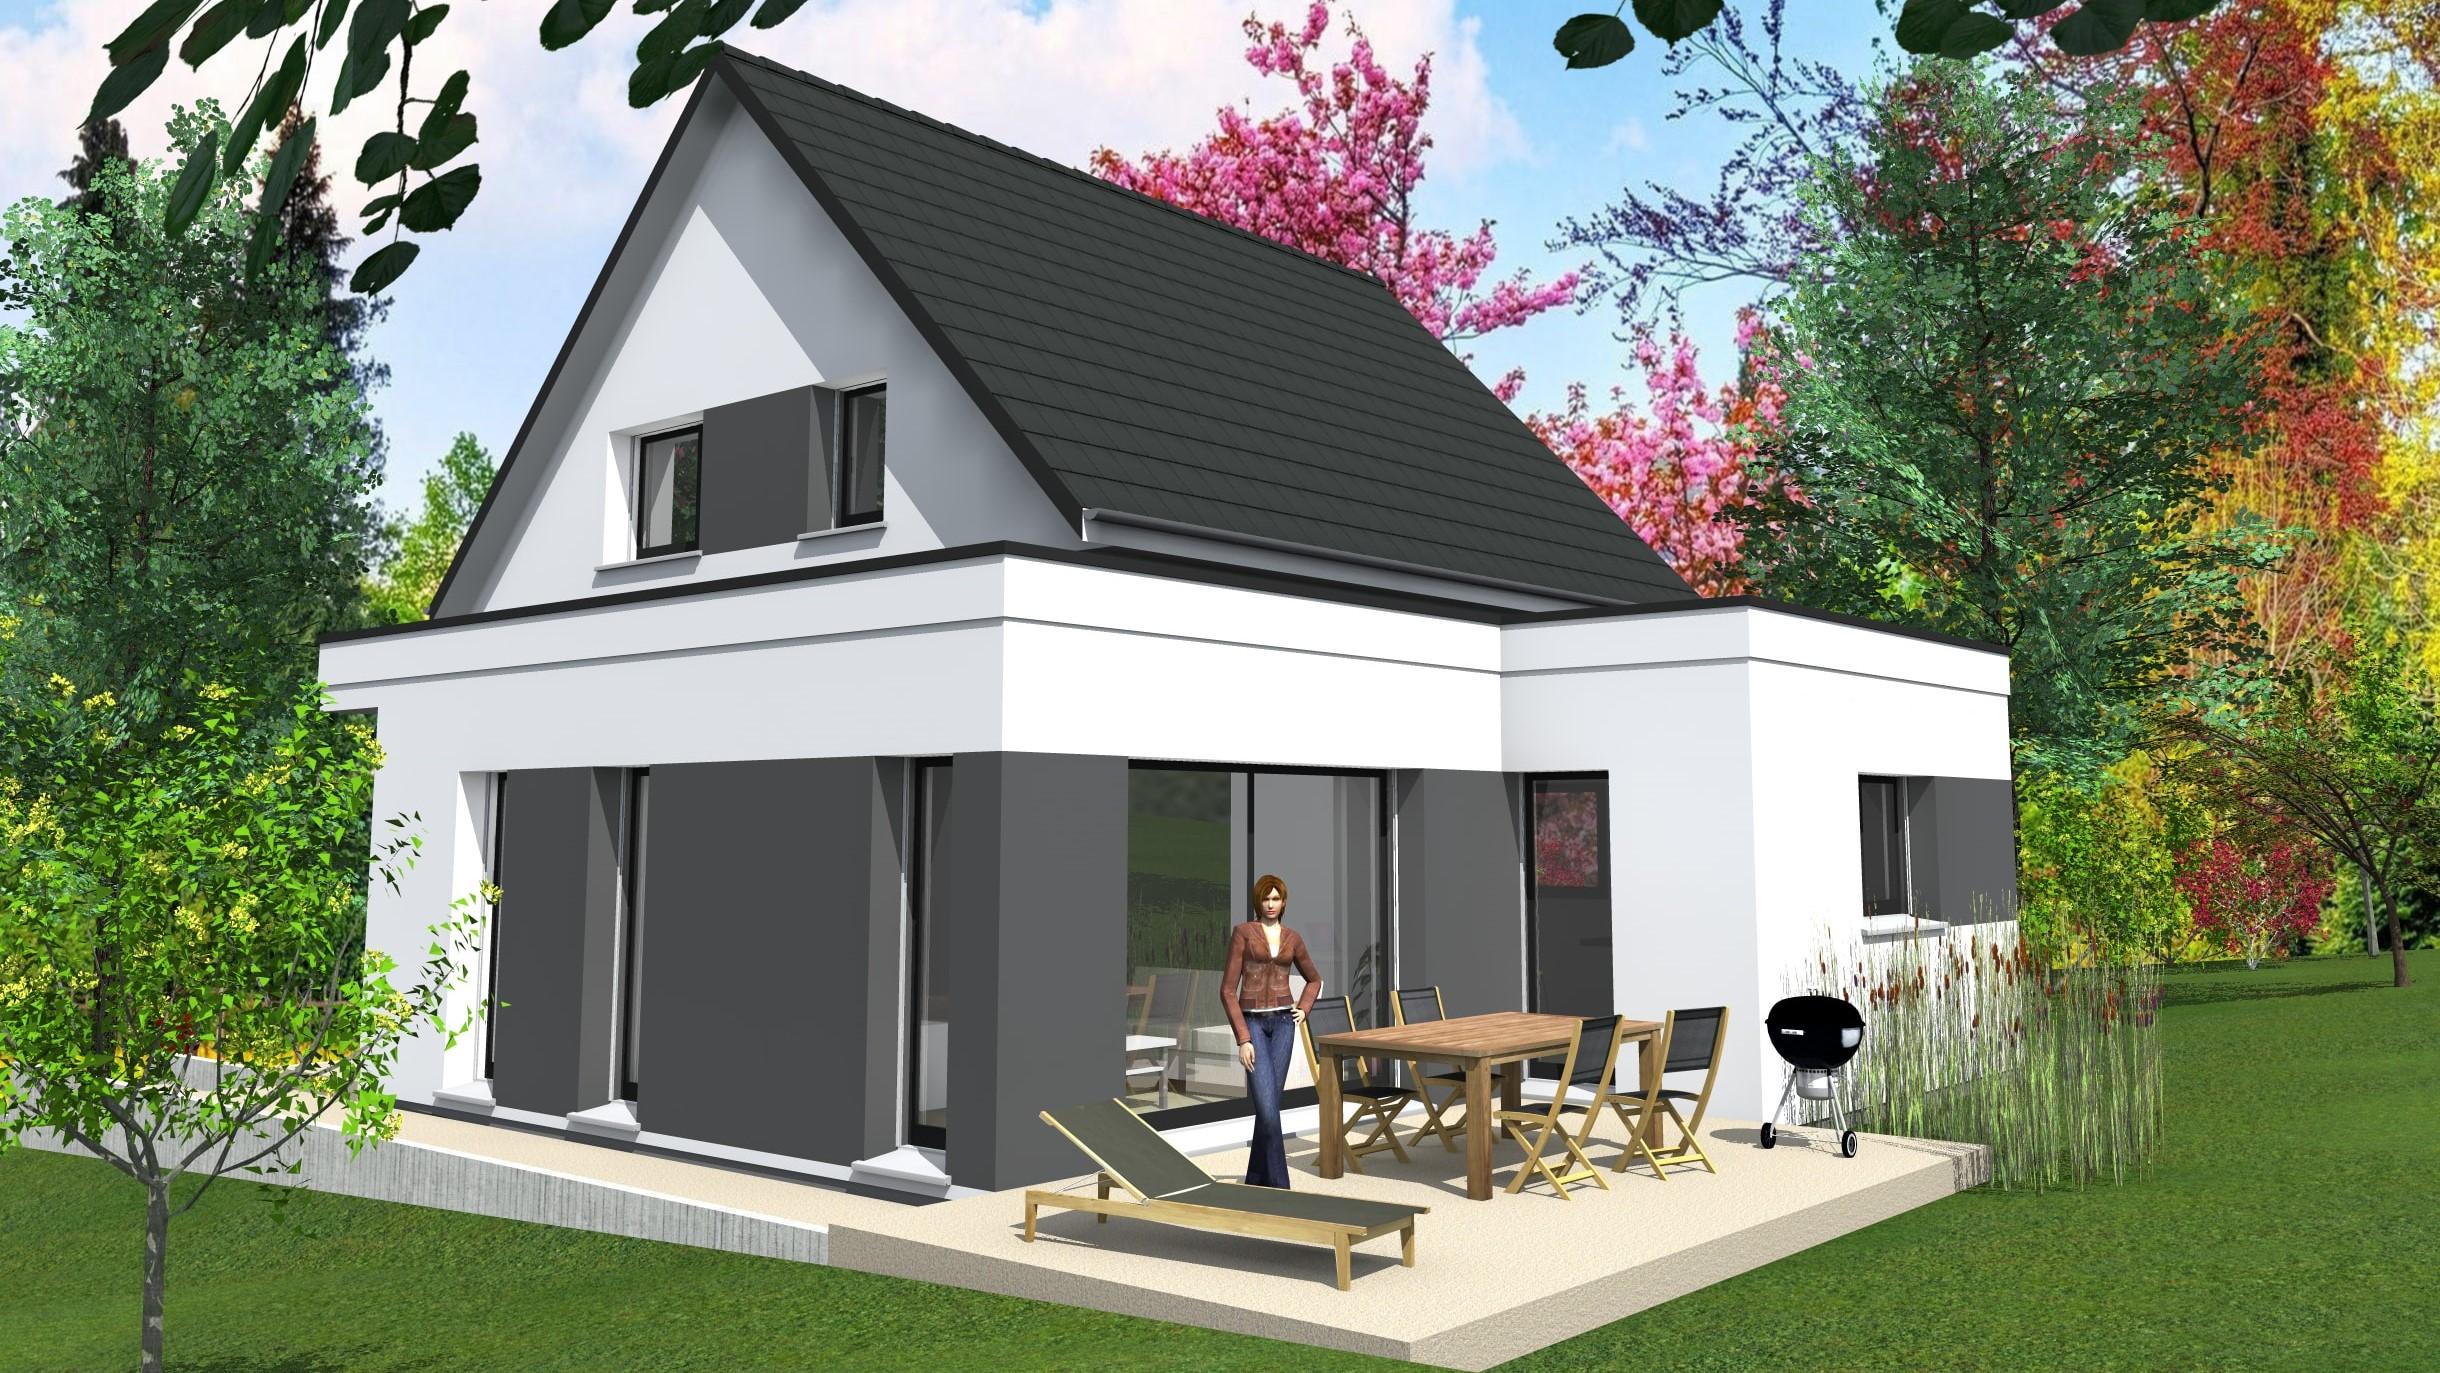 cabinet de maitrise d 39 oeuvre c maison contemporaine toit plat et double pente magstatt le bas. Black Bedroom Furniture Sets. Home Design Ideas